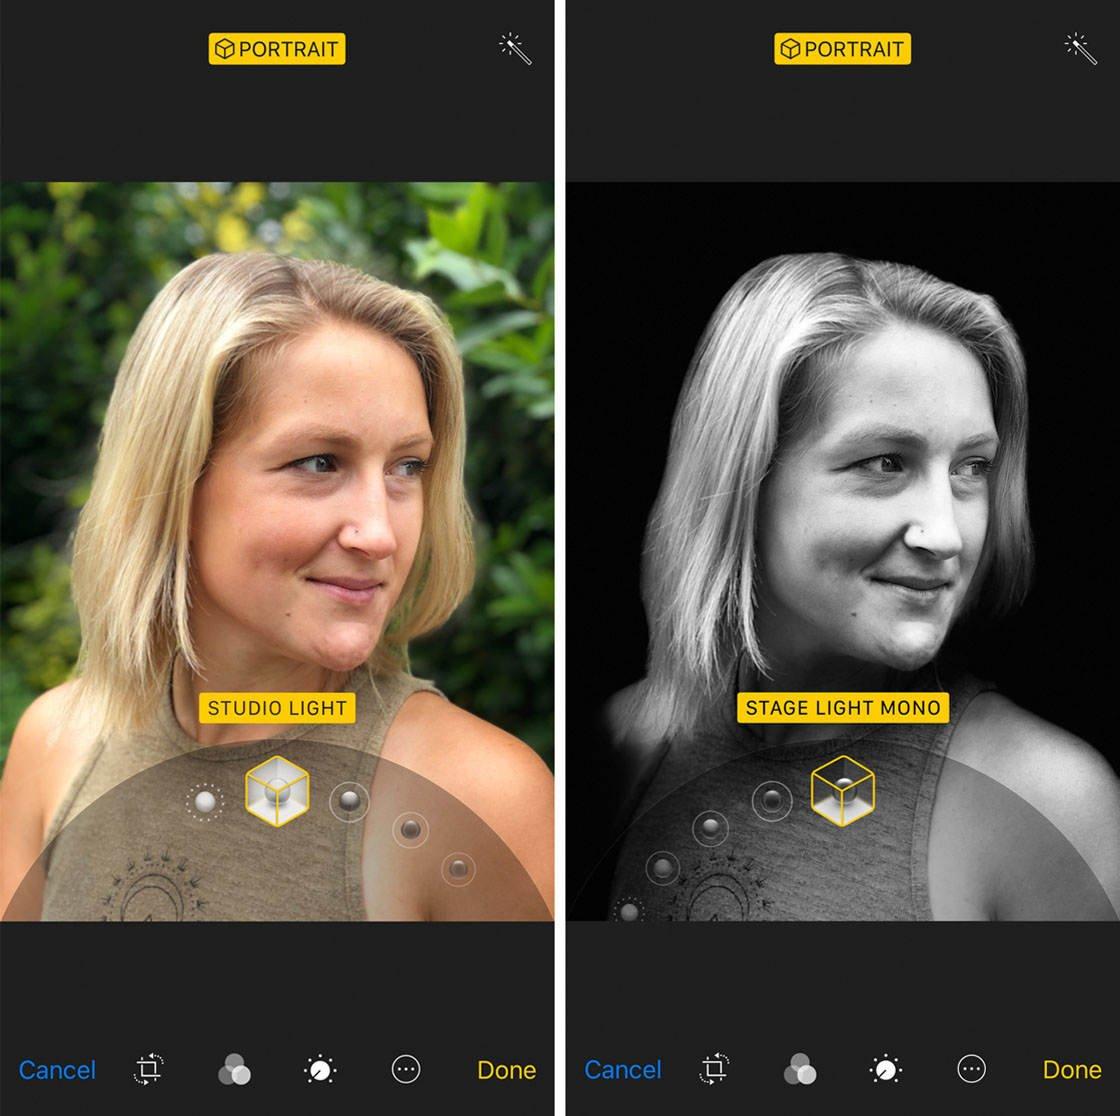 Iphone x camera features 64 no script